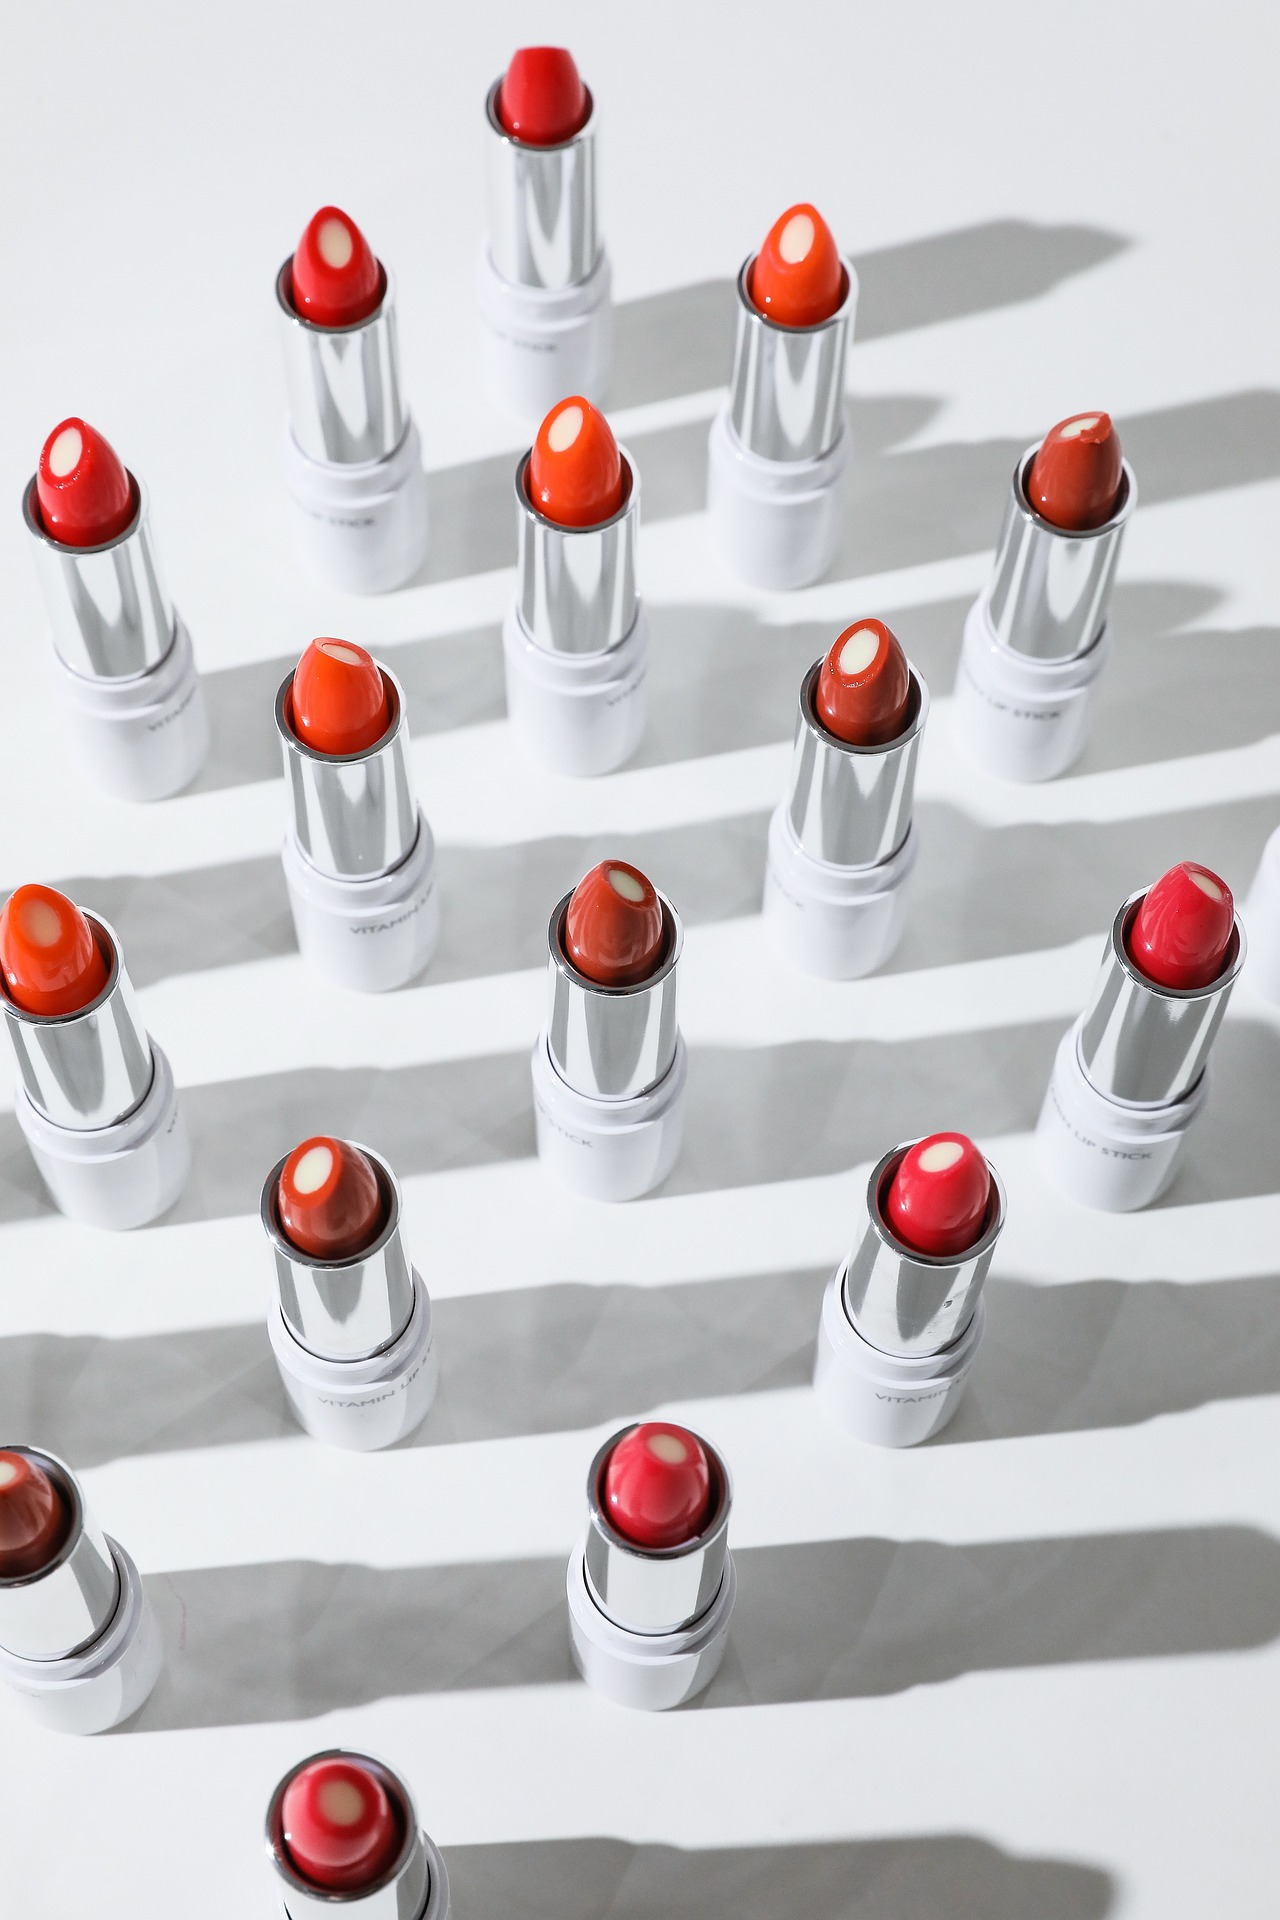 Váncsa Zalán: A sminkelésről és hajfestésről – az önértékelési zavar ismérveiről (2.rész)